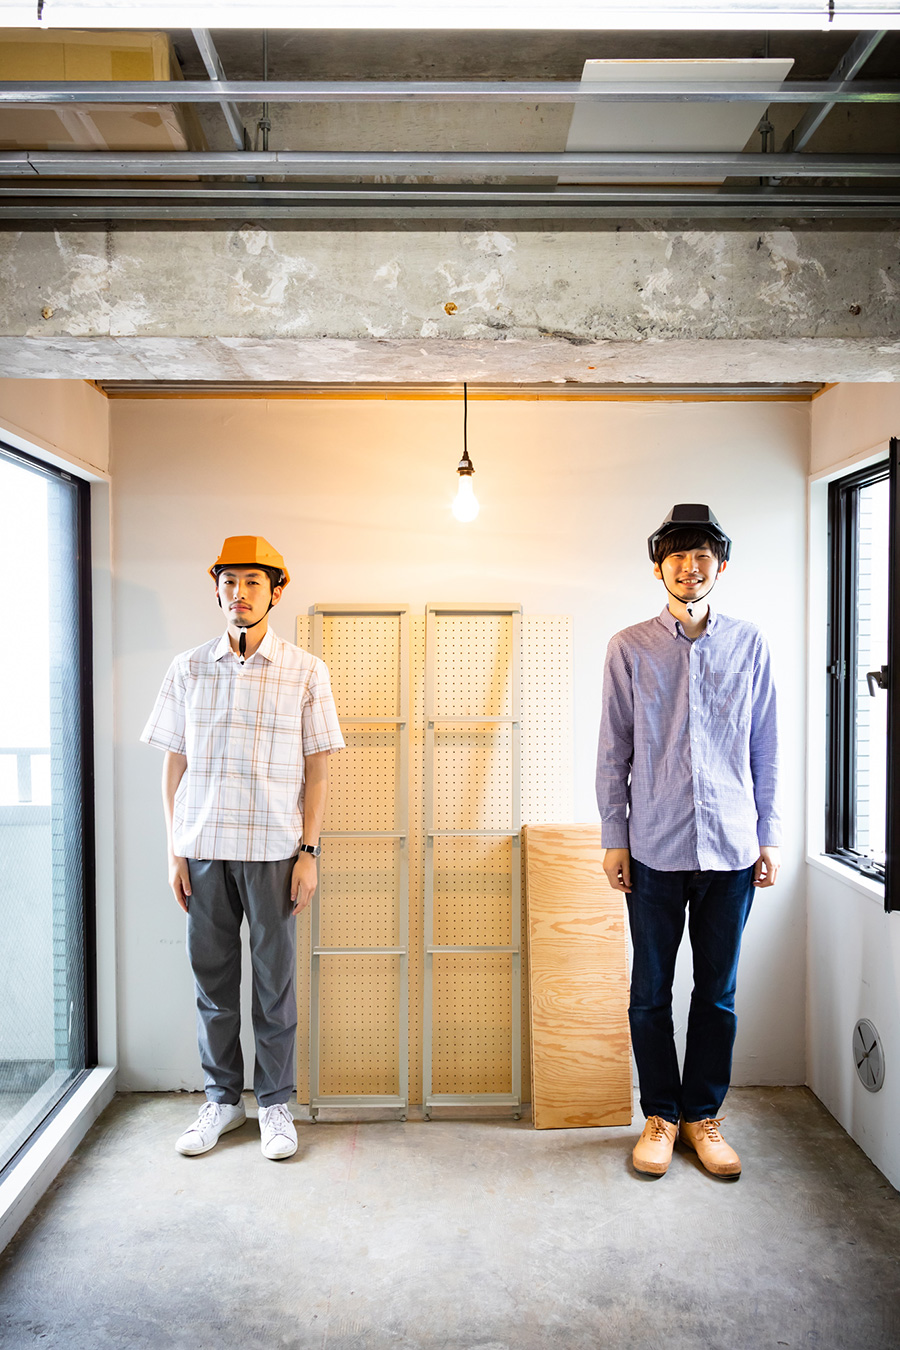 【準備するもの②】 人員2名。ひとりでも組み立てられるが、片側を支えてもらいながら組み立てたほうが作業効率が格段によくなる。